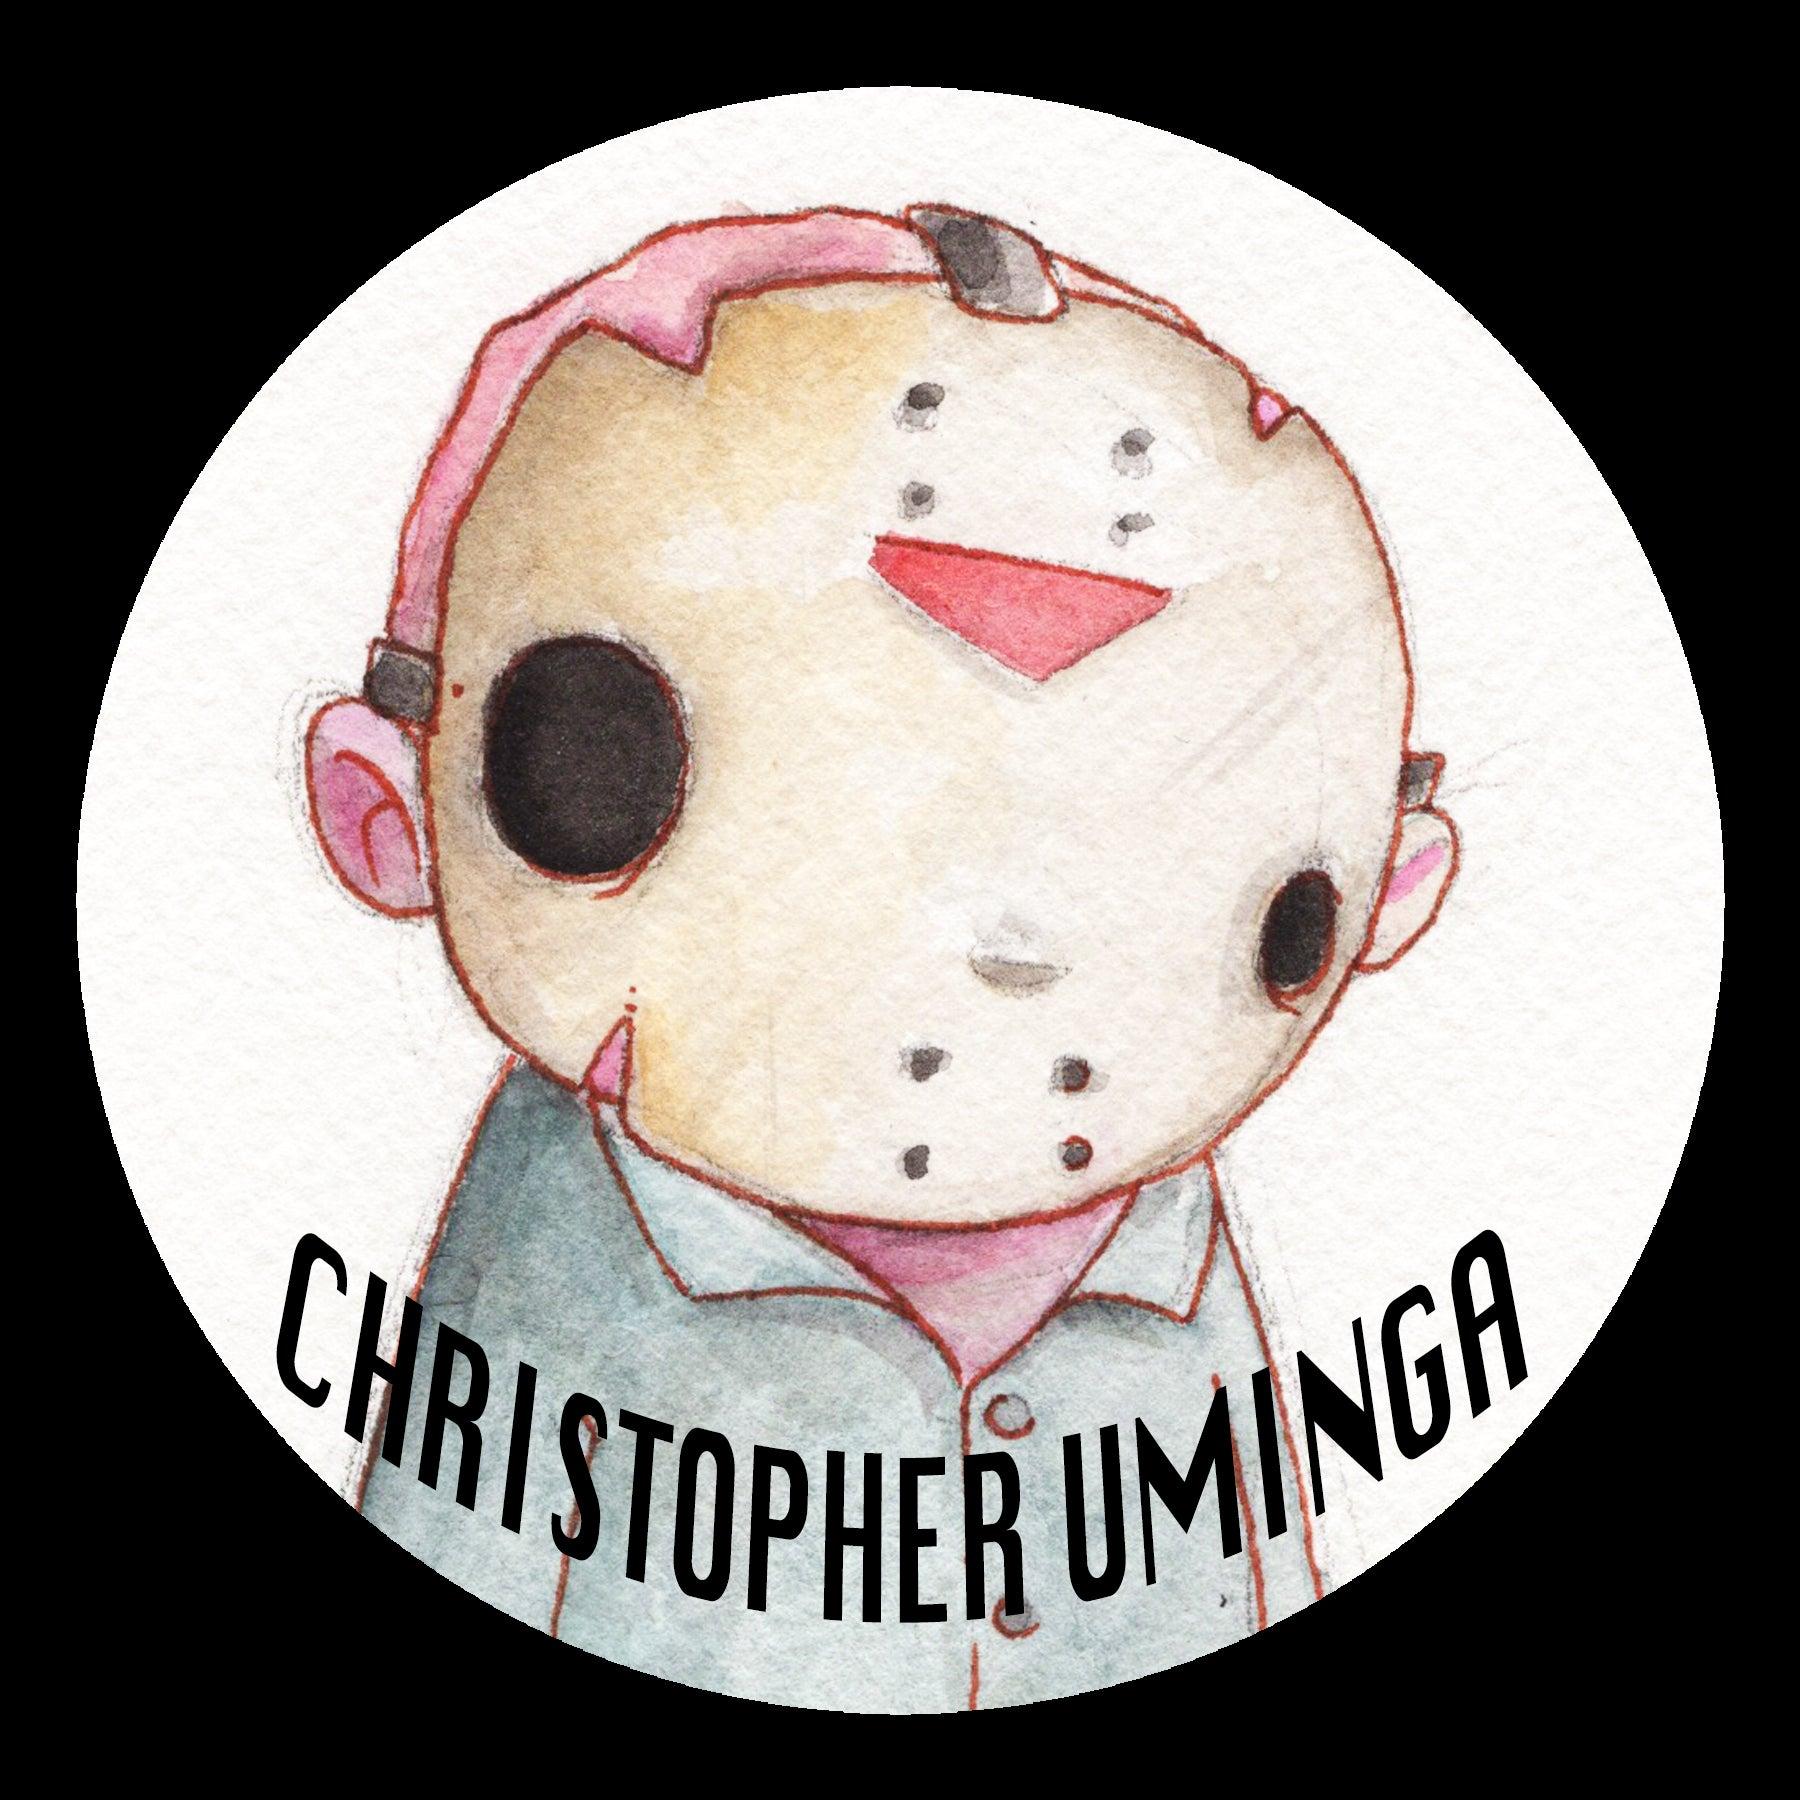 Christopher Uminga